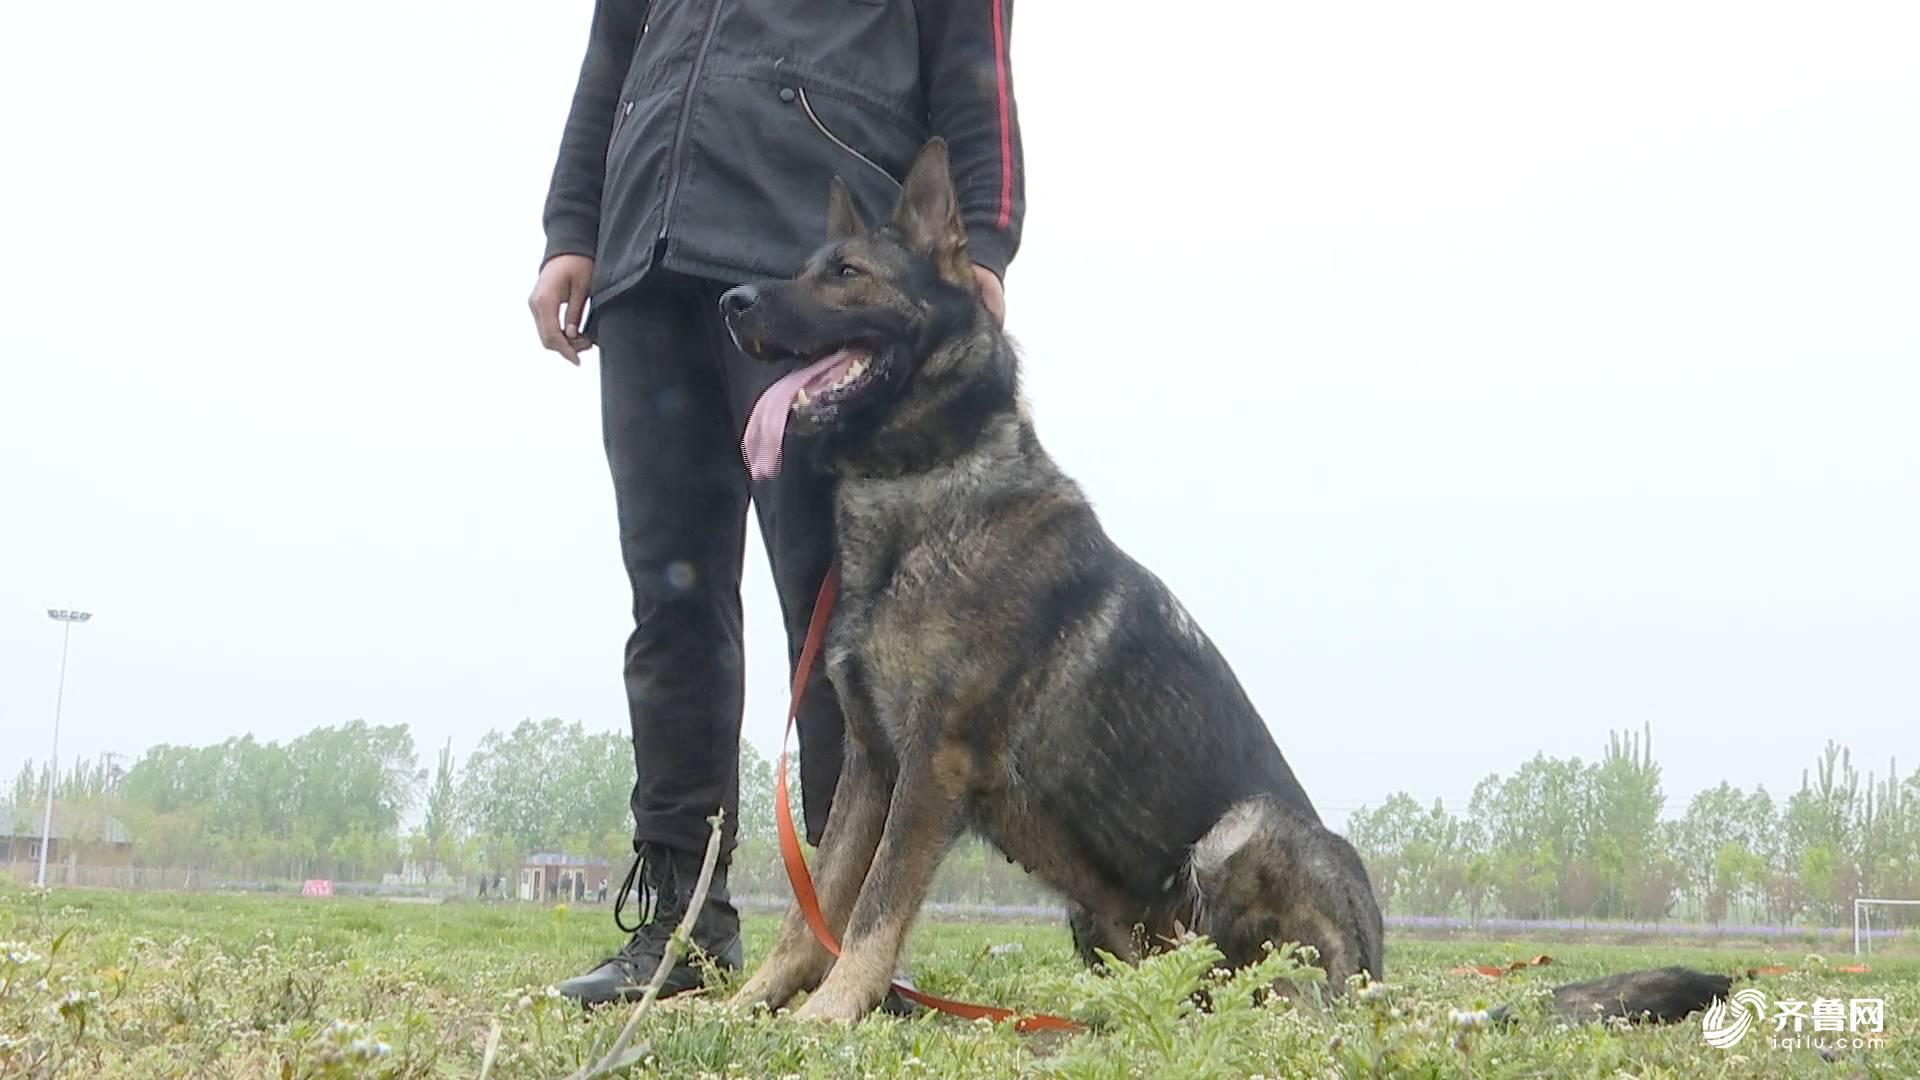 护卫犬排行榜_太阳报:保护人身安全,英超球星流行买护卫犬